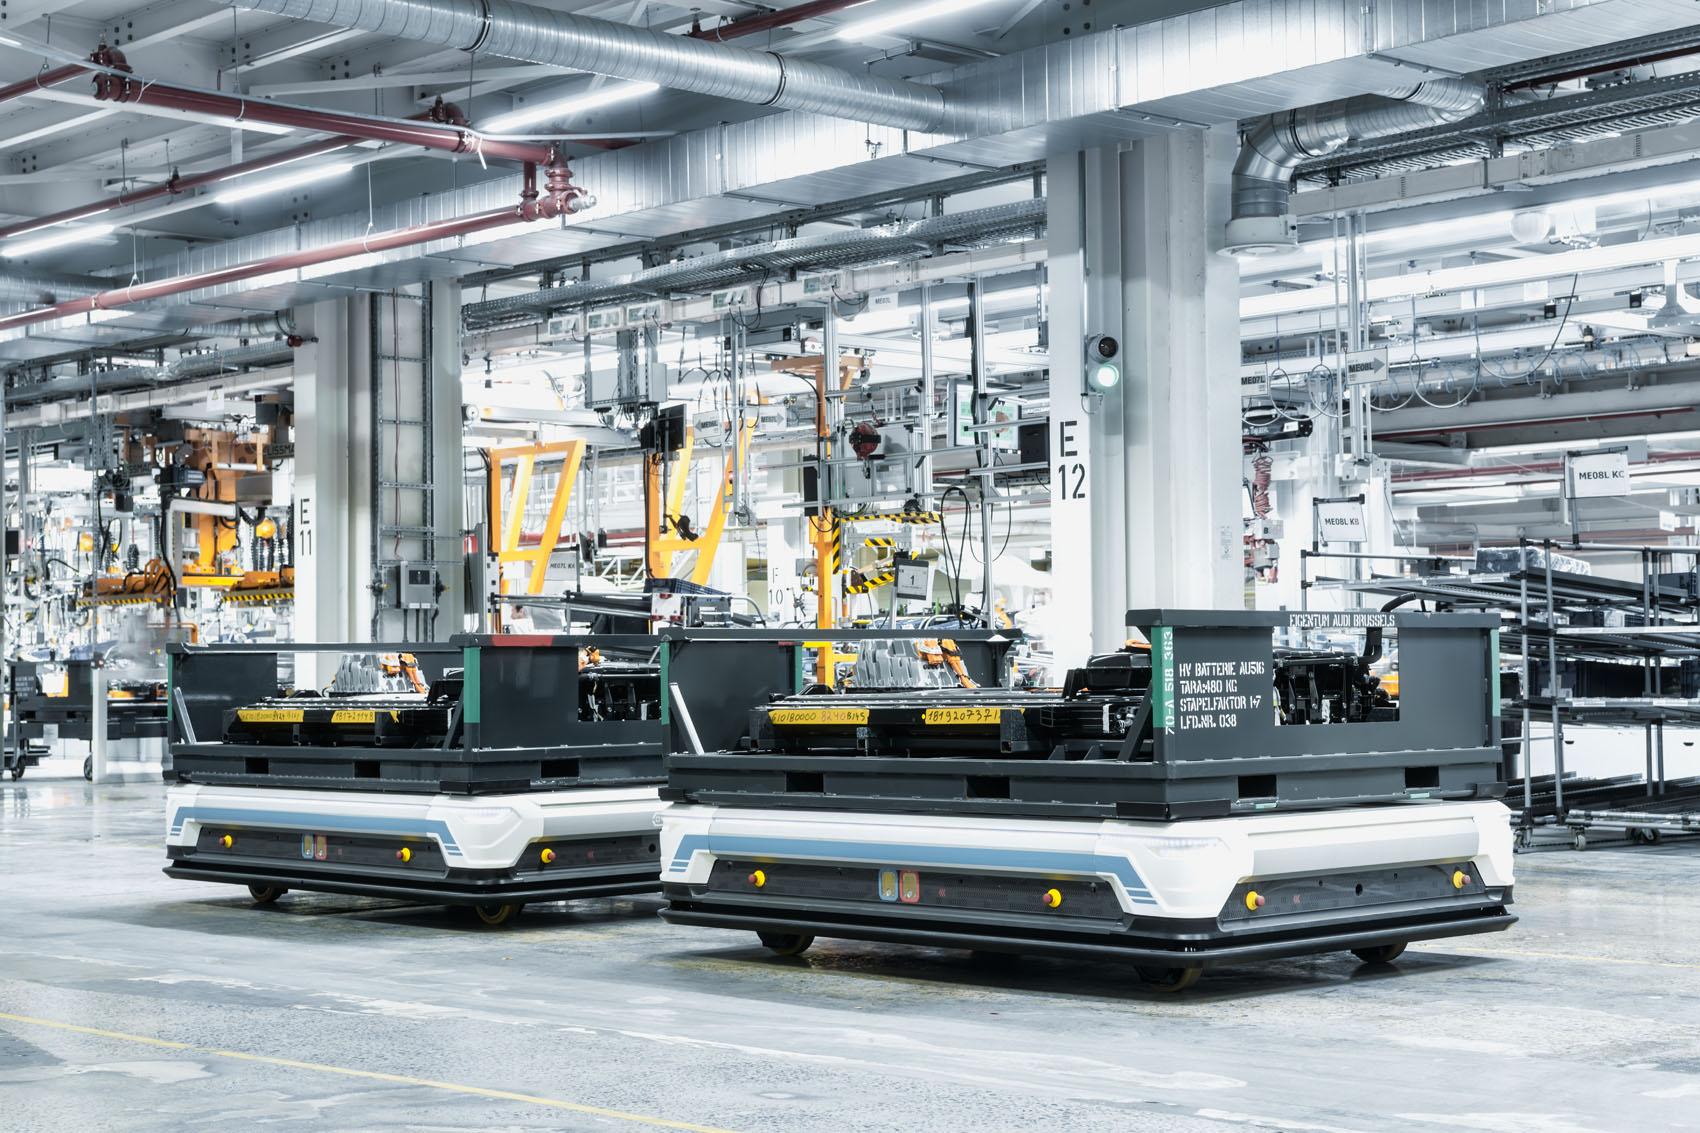 Taxis pour batteries: Des véhicules à guidage automatique (AVG) assurent l'acheminement des batteries sur la ligne de montage.(Stefan Warter)